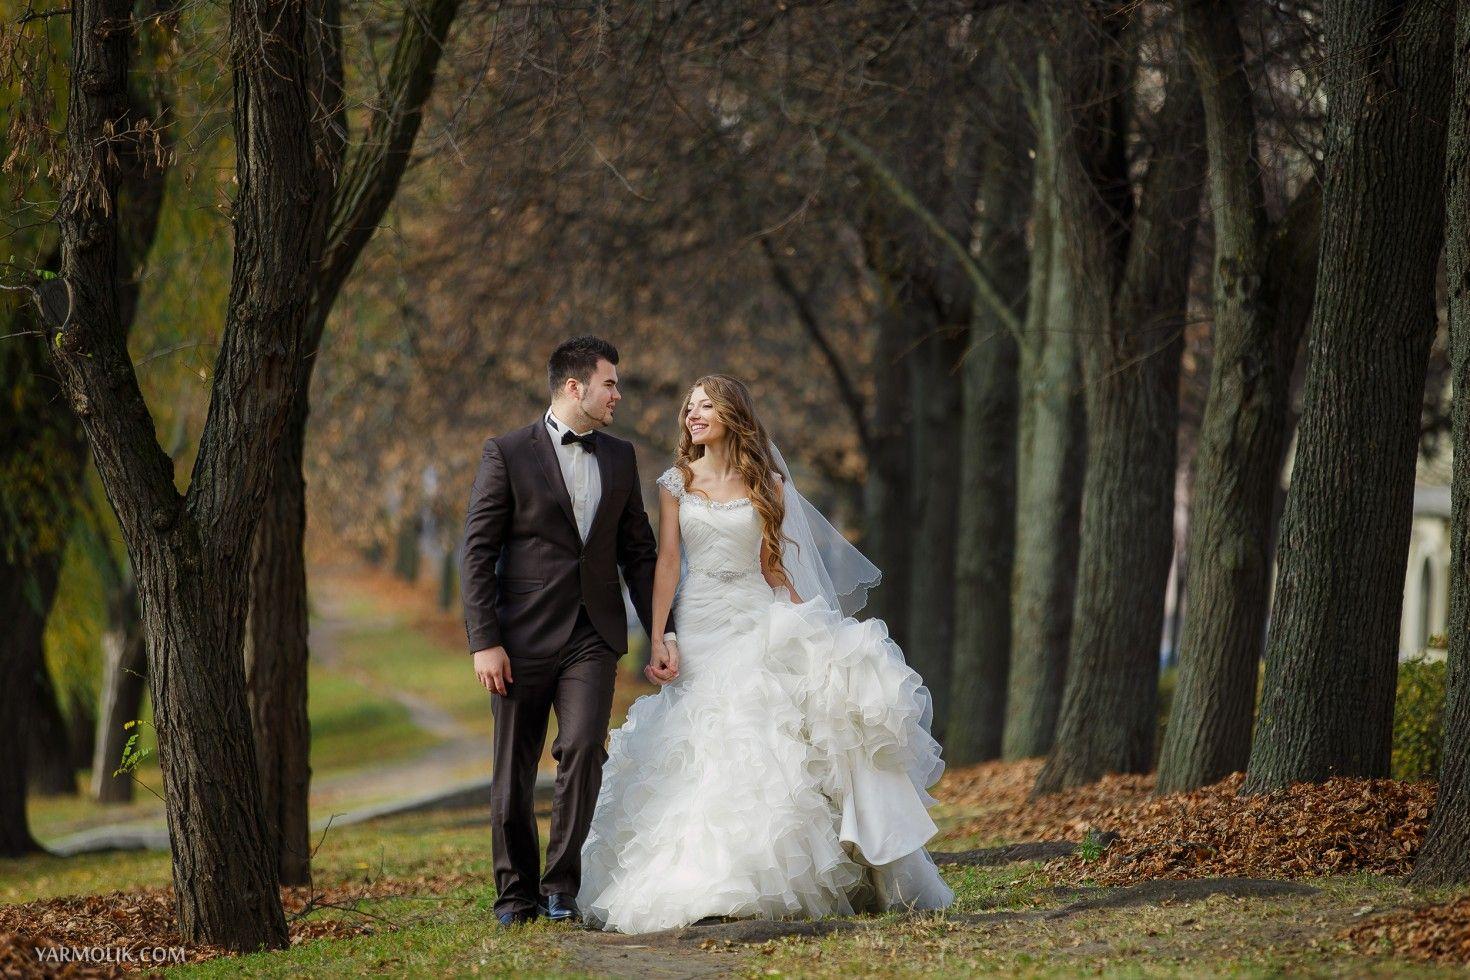 удобна в каком режиме фотографировать свадьбу дерева-хозяина воду